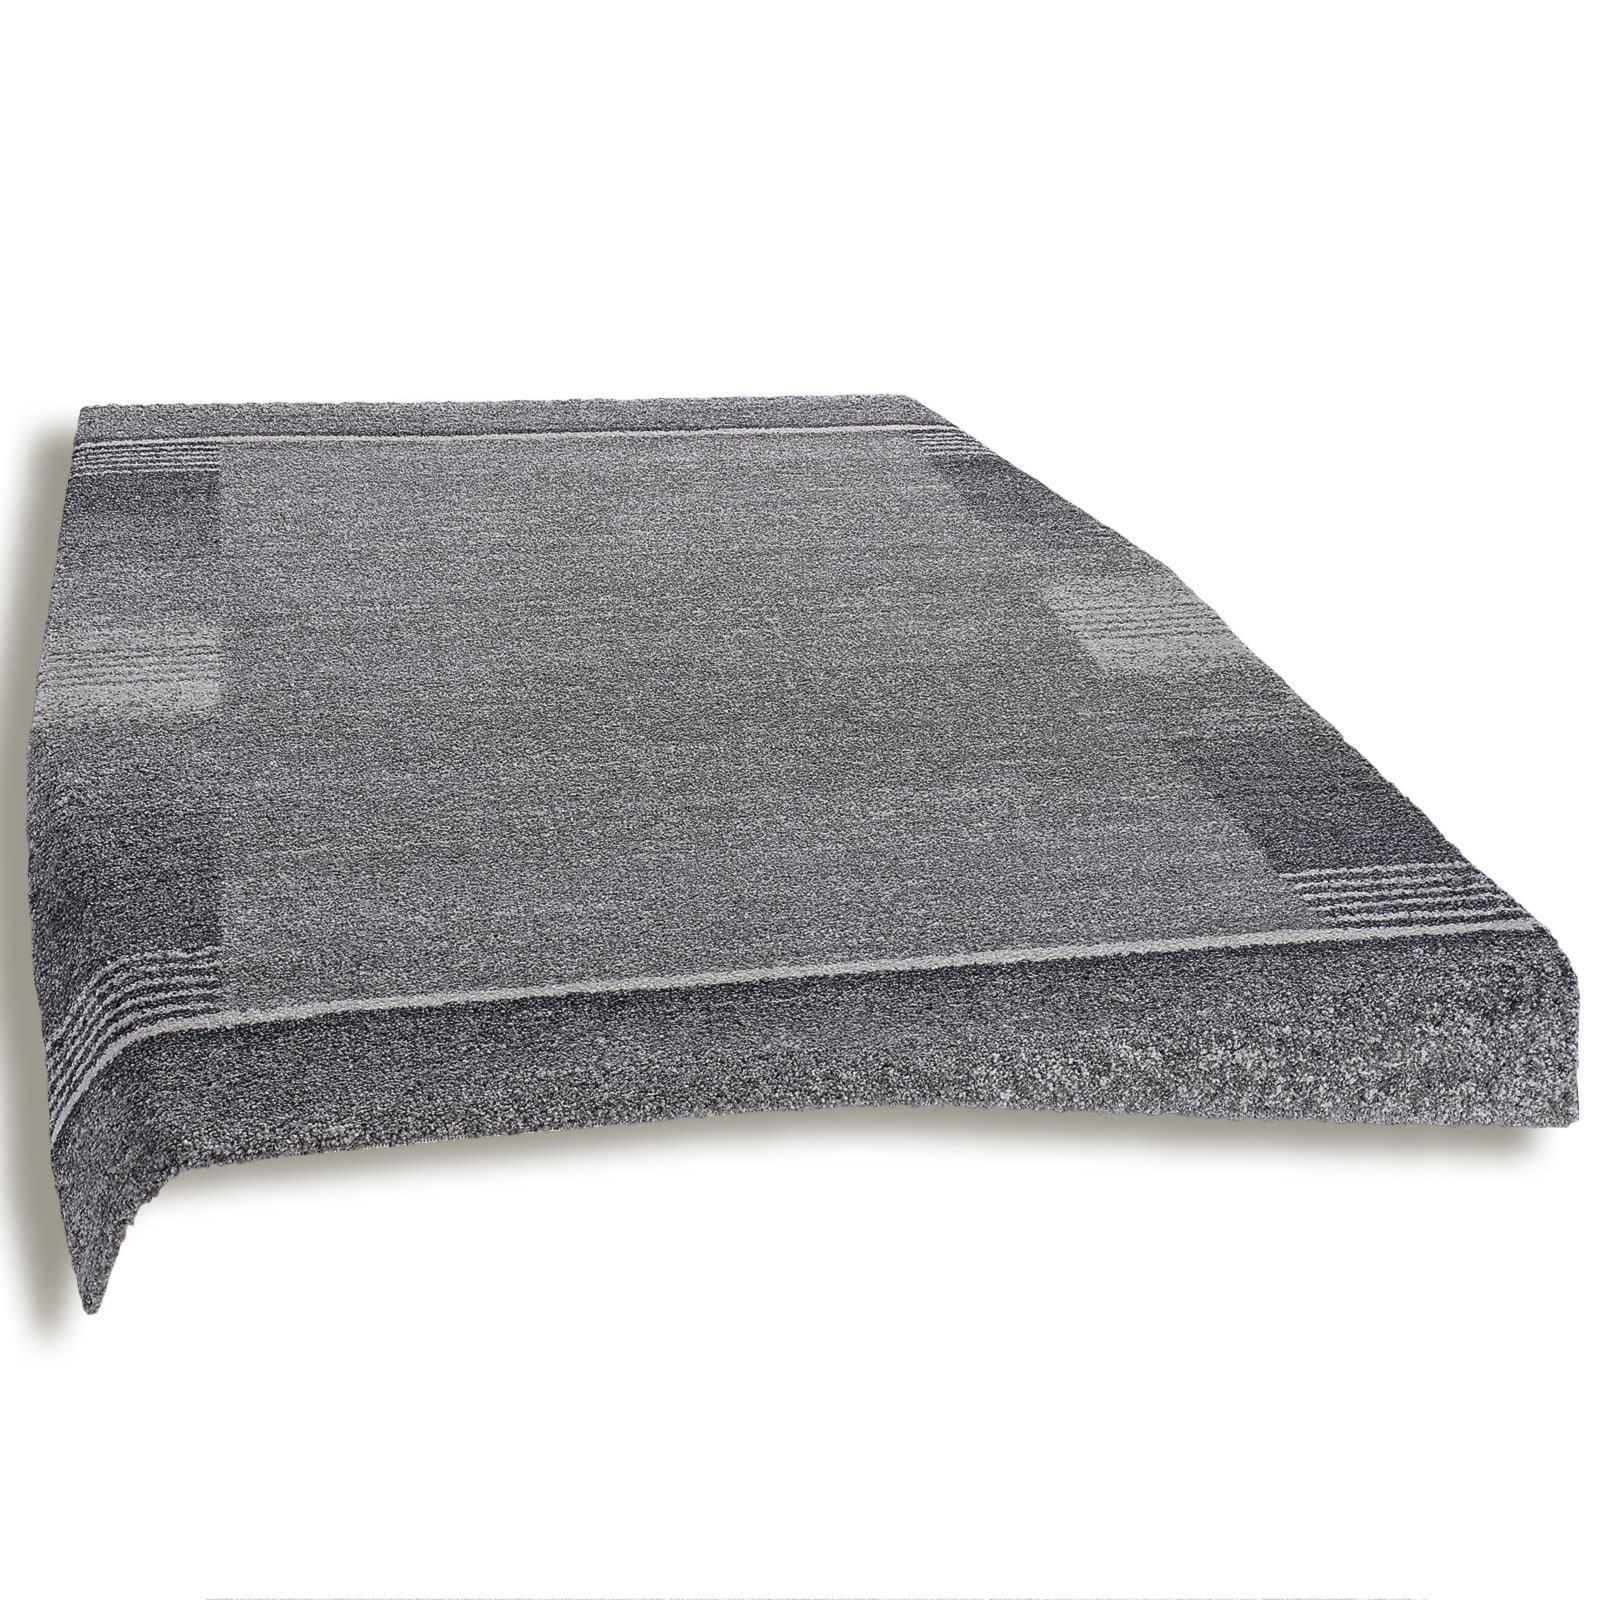 teppich wien dunkelgrau 160x230 cm gemusterte teppiche teppiche l ufer deko. Black Bedroom Furniture Sets. Home Design Ideas